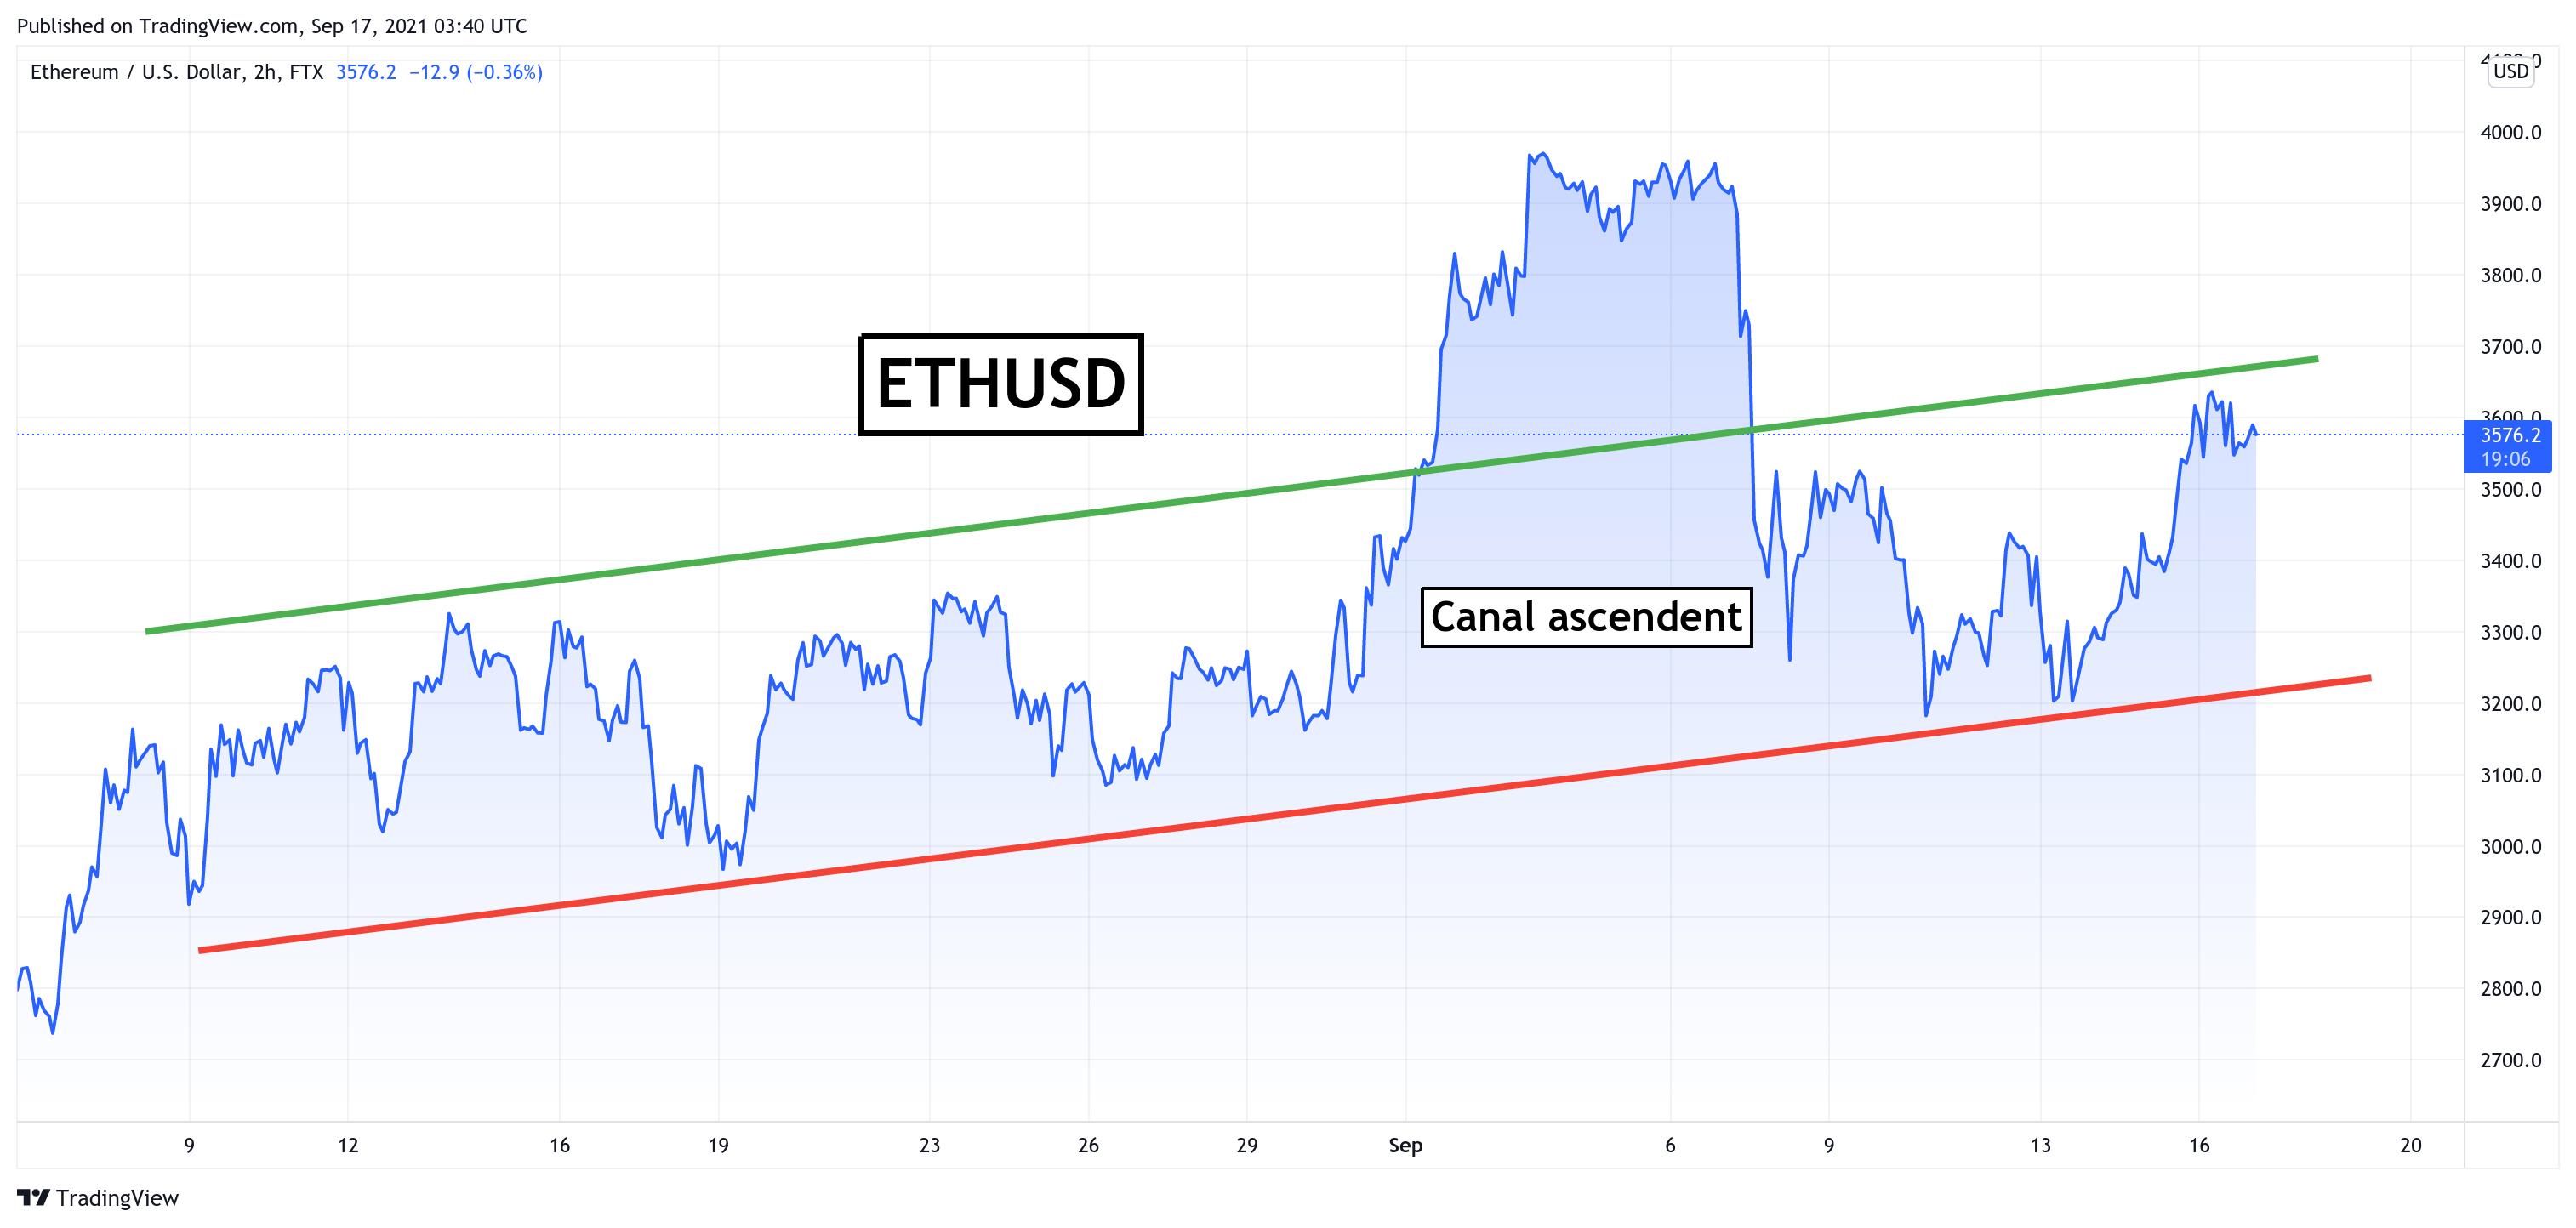 Ethereum: Opțiunile sugerează că ETH poate tranzacționa $4,000 într-o săptămână